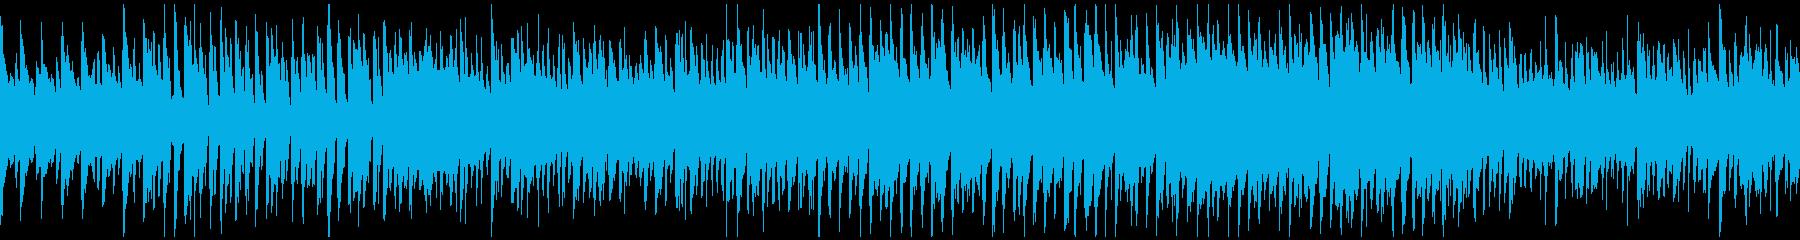 ハッピーで爽やか楽しいウクレレ※ループ版の再生済みの波形